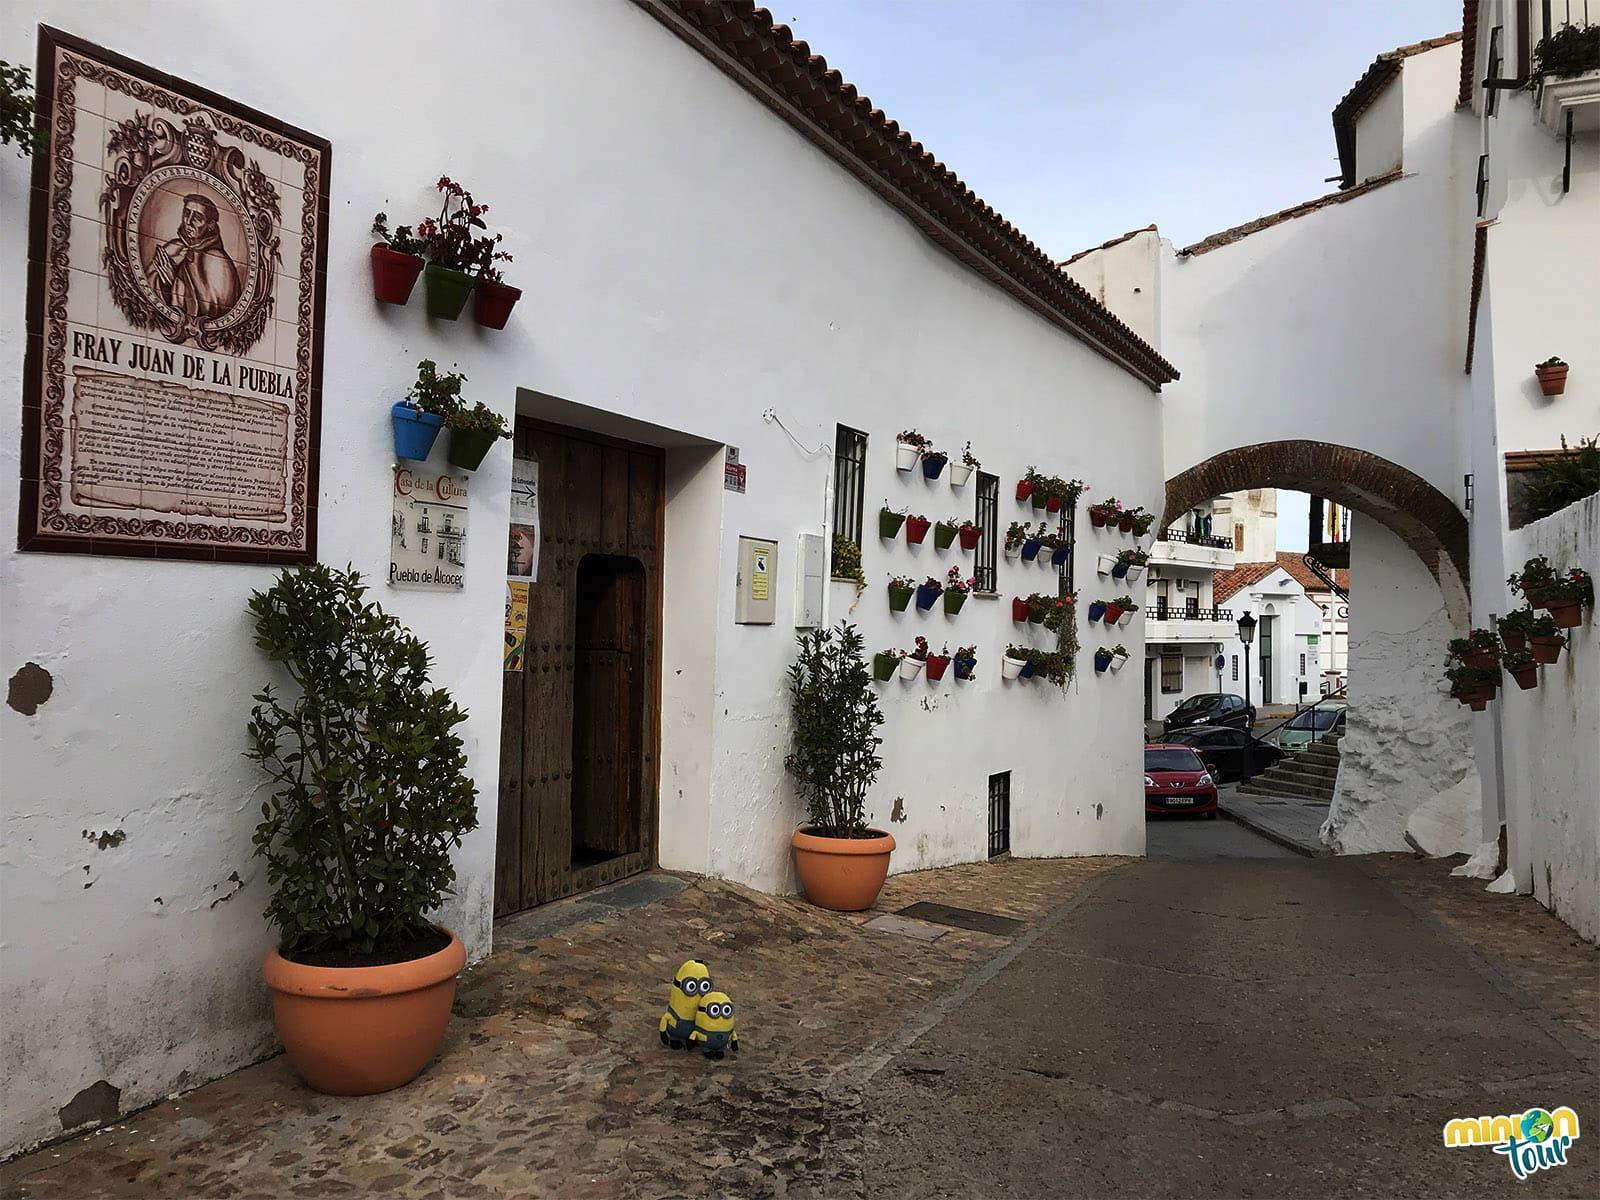 Qué ver en Puebla de Alcocer: la Casa-Palacio de los Duques de Osuna